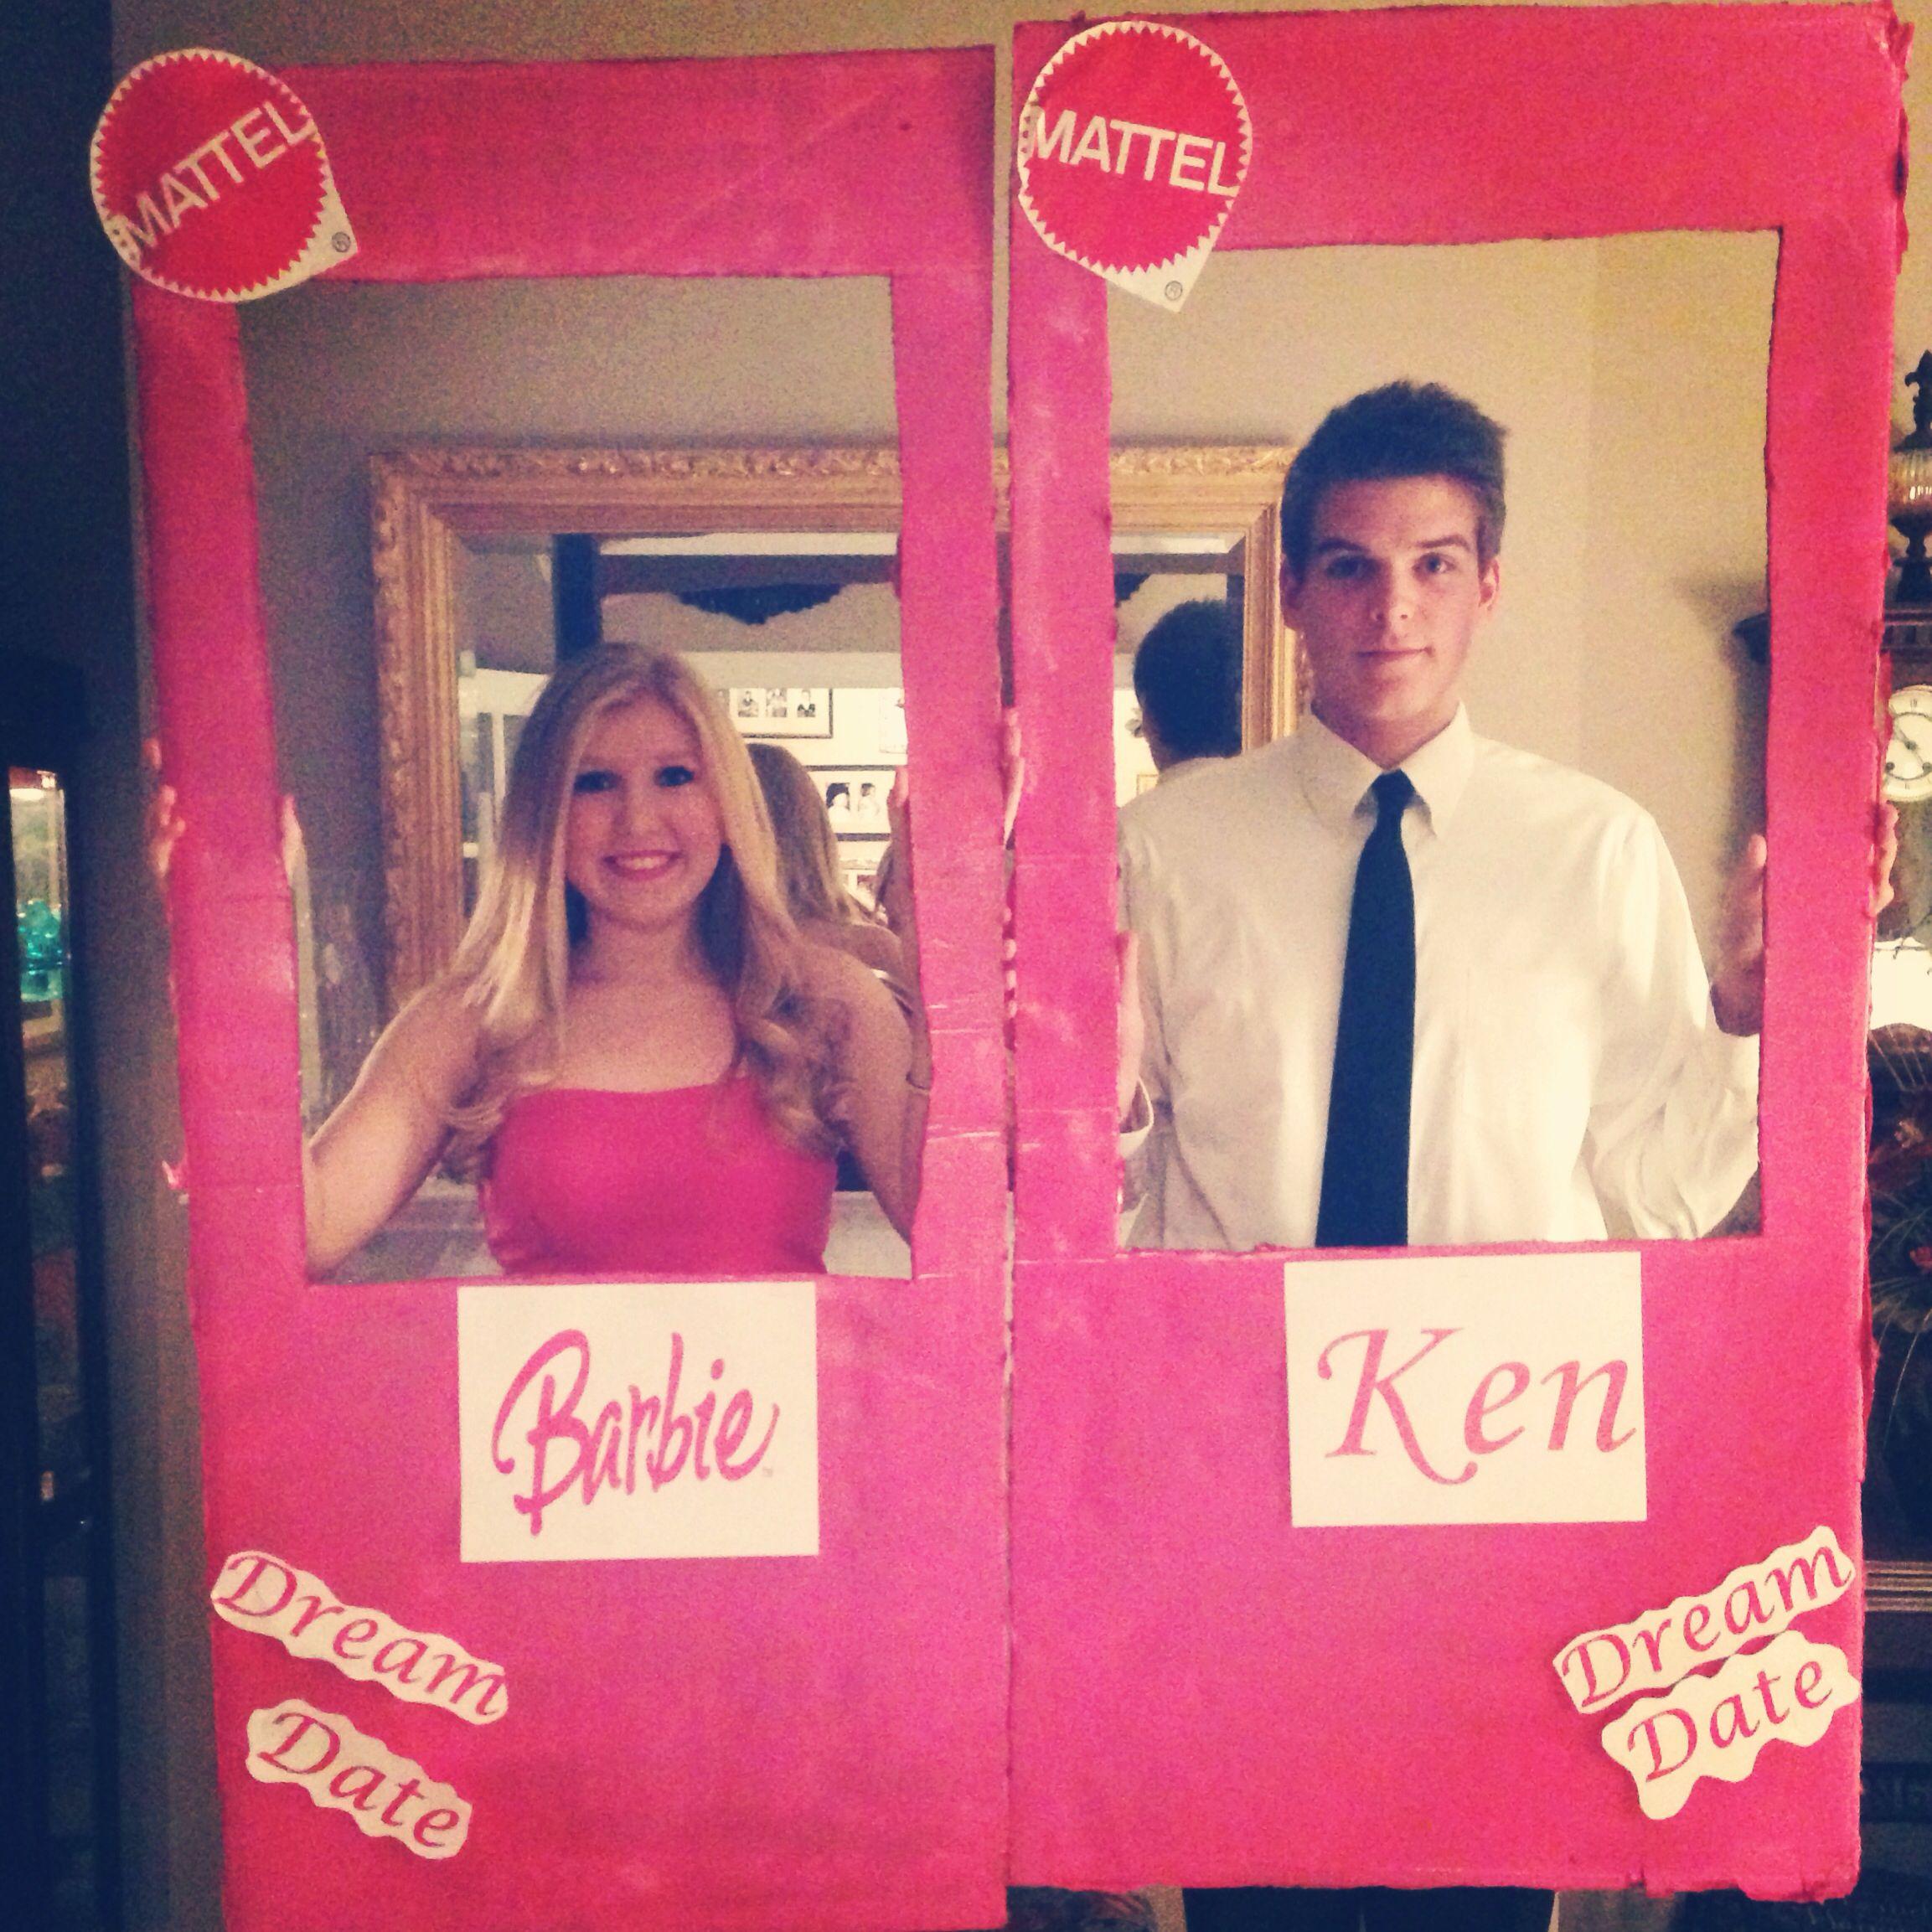 barbie and ken halloween costume - Halloween Costume Barbie